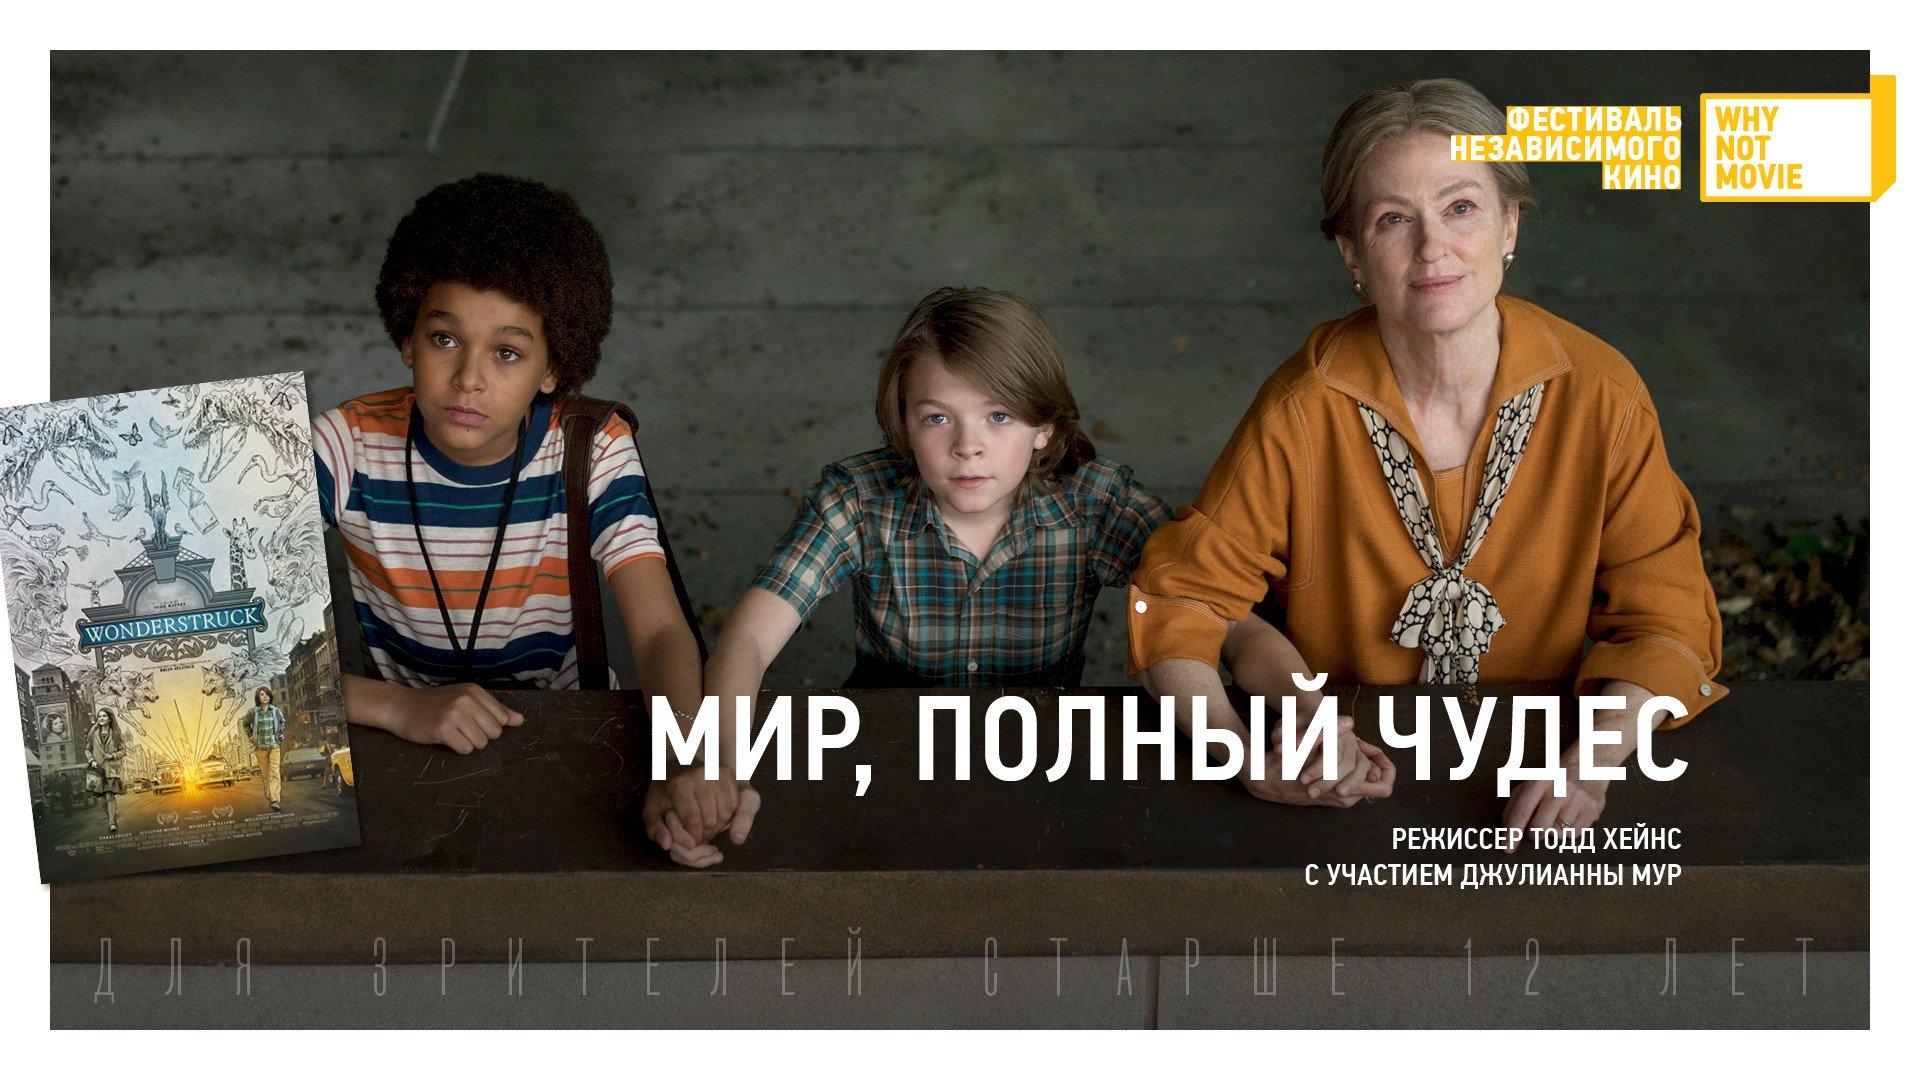 В Москве новый фильм Тода Хейнса покажут в рамках фестиваля независимого кино